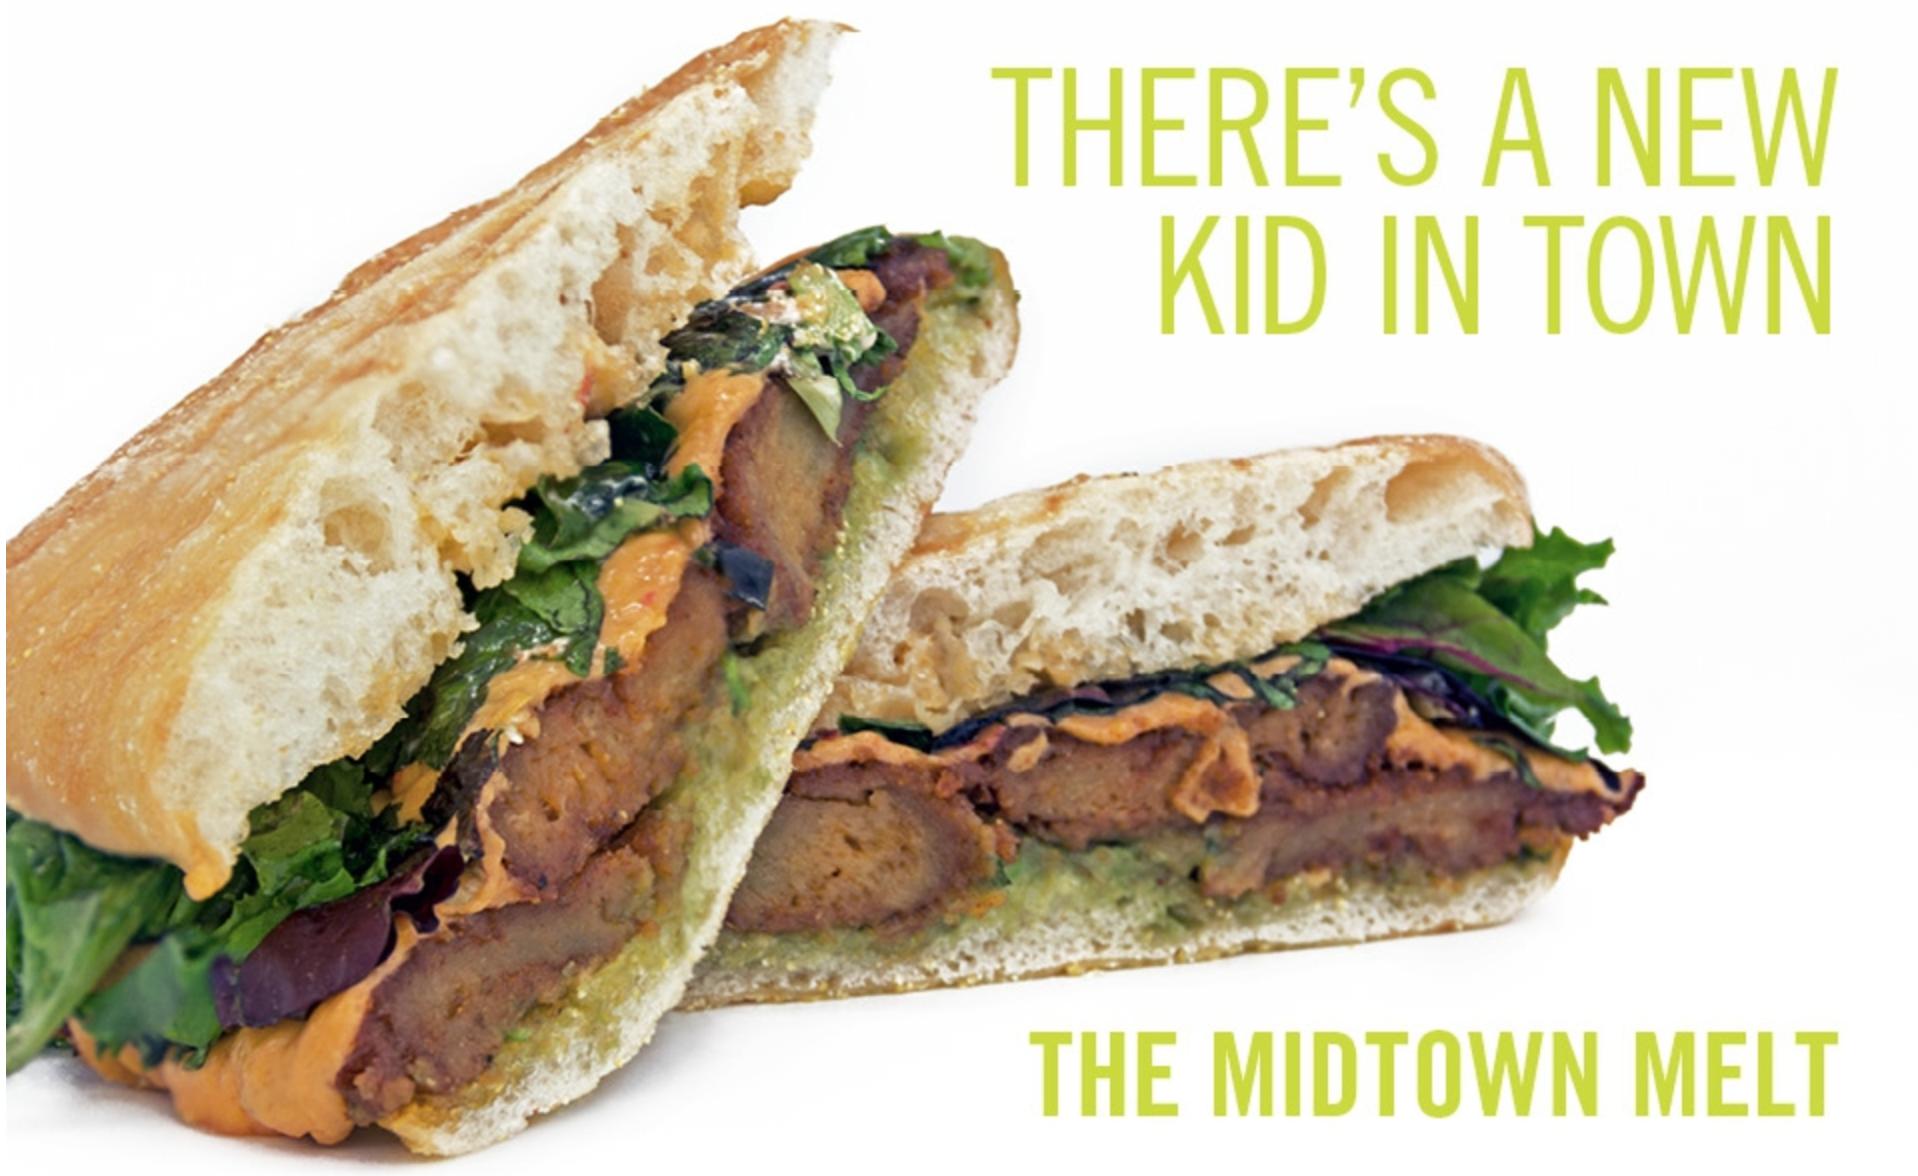 Blossom du Jour sandwiches & milkshakes (vegan Jukebox